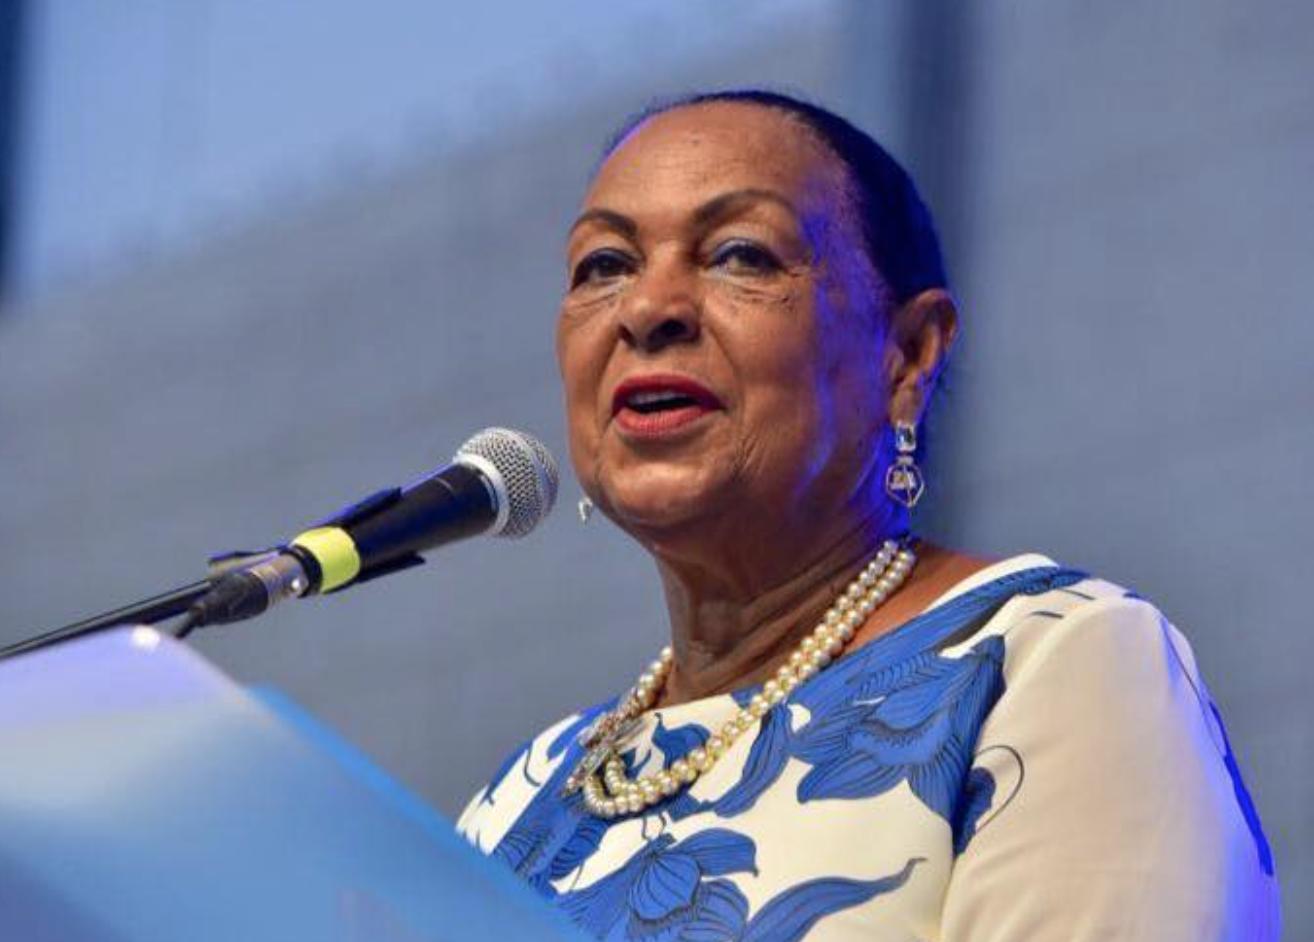 Régionales 2021- Guadeloupe : La présidente du Conseil Départemental Josette Borel-Lincertin candidate aux élections régionales